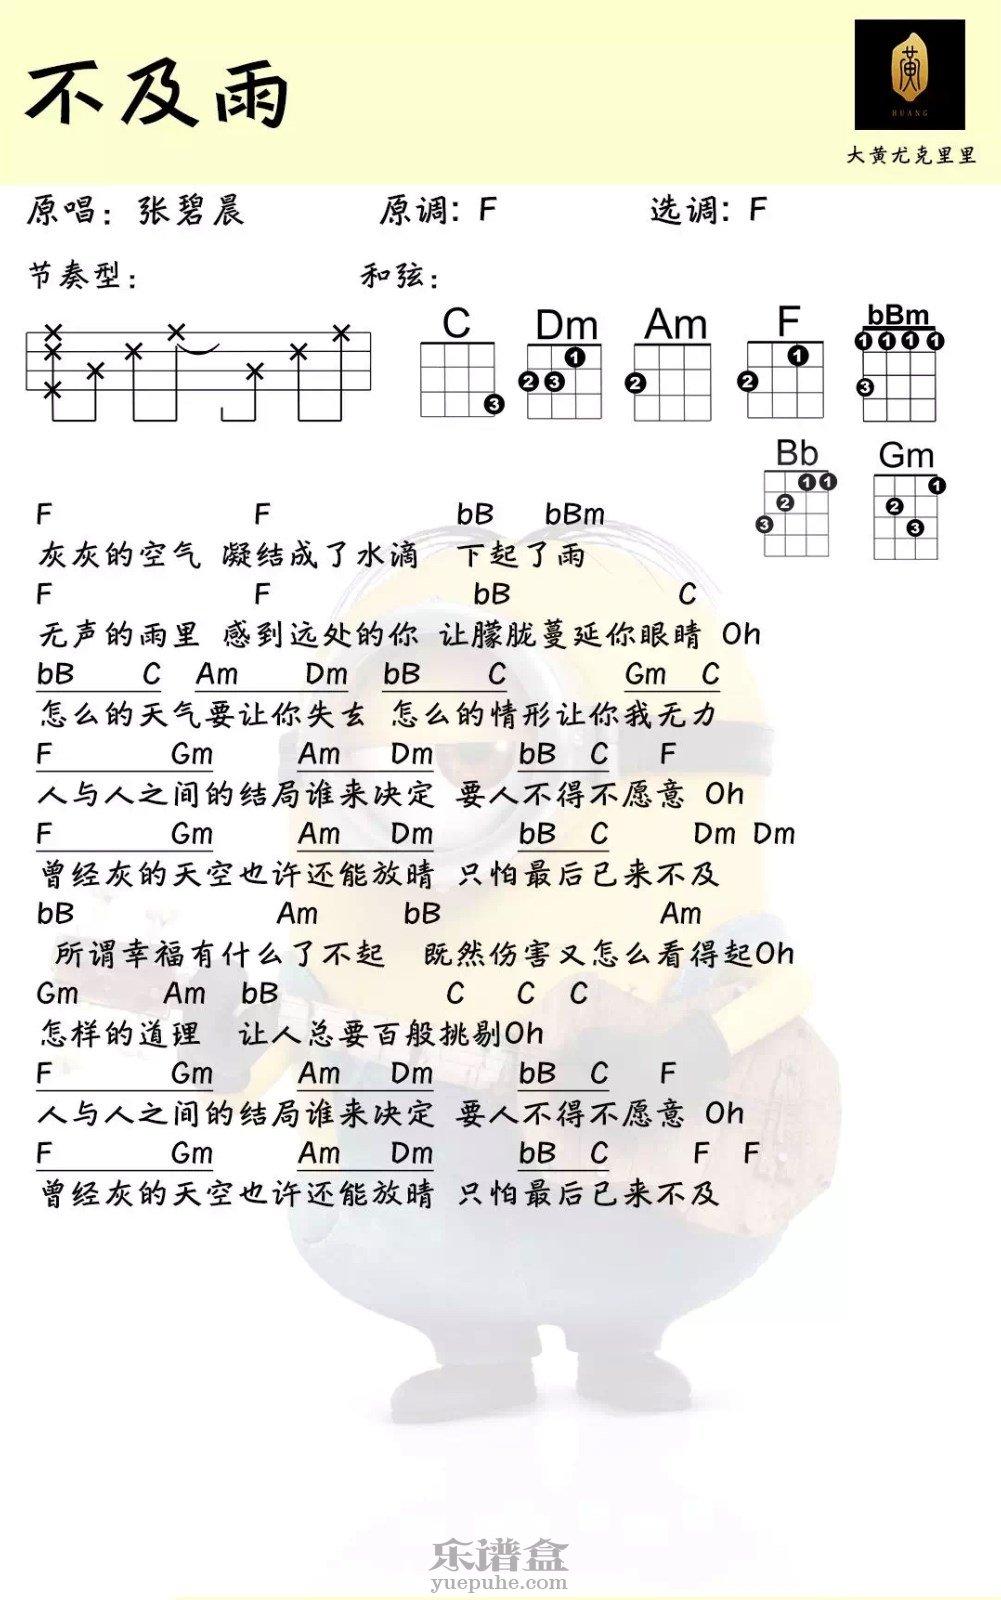 《不及雨》张碧晨 尤克里里曲谱